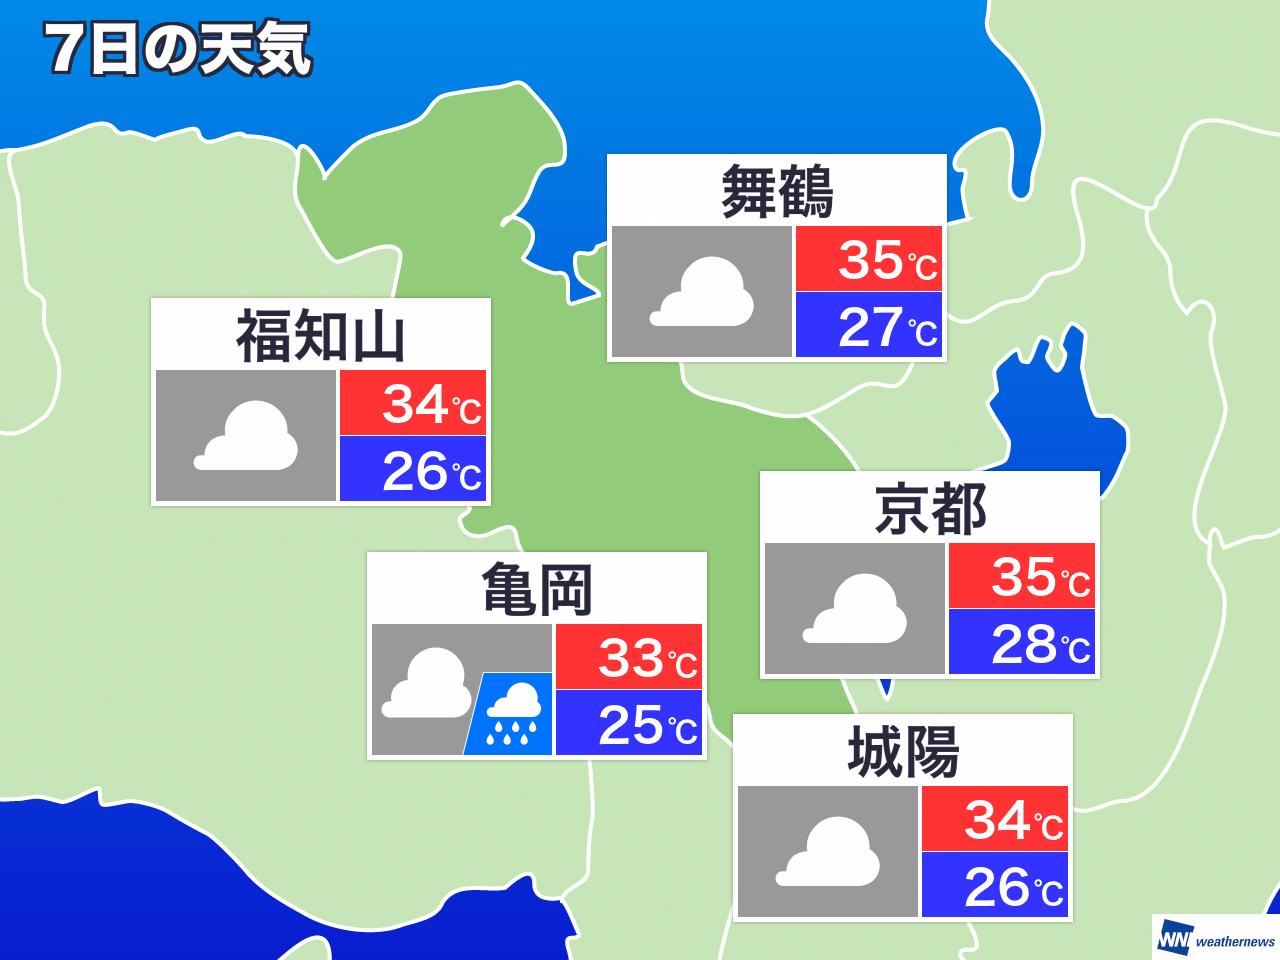 日曜日 の 天気